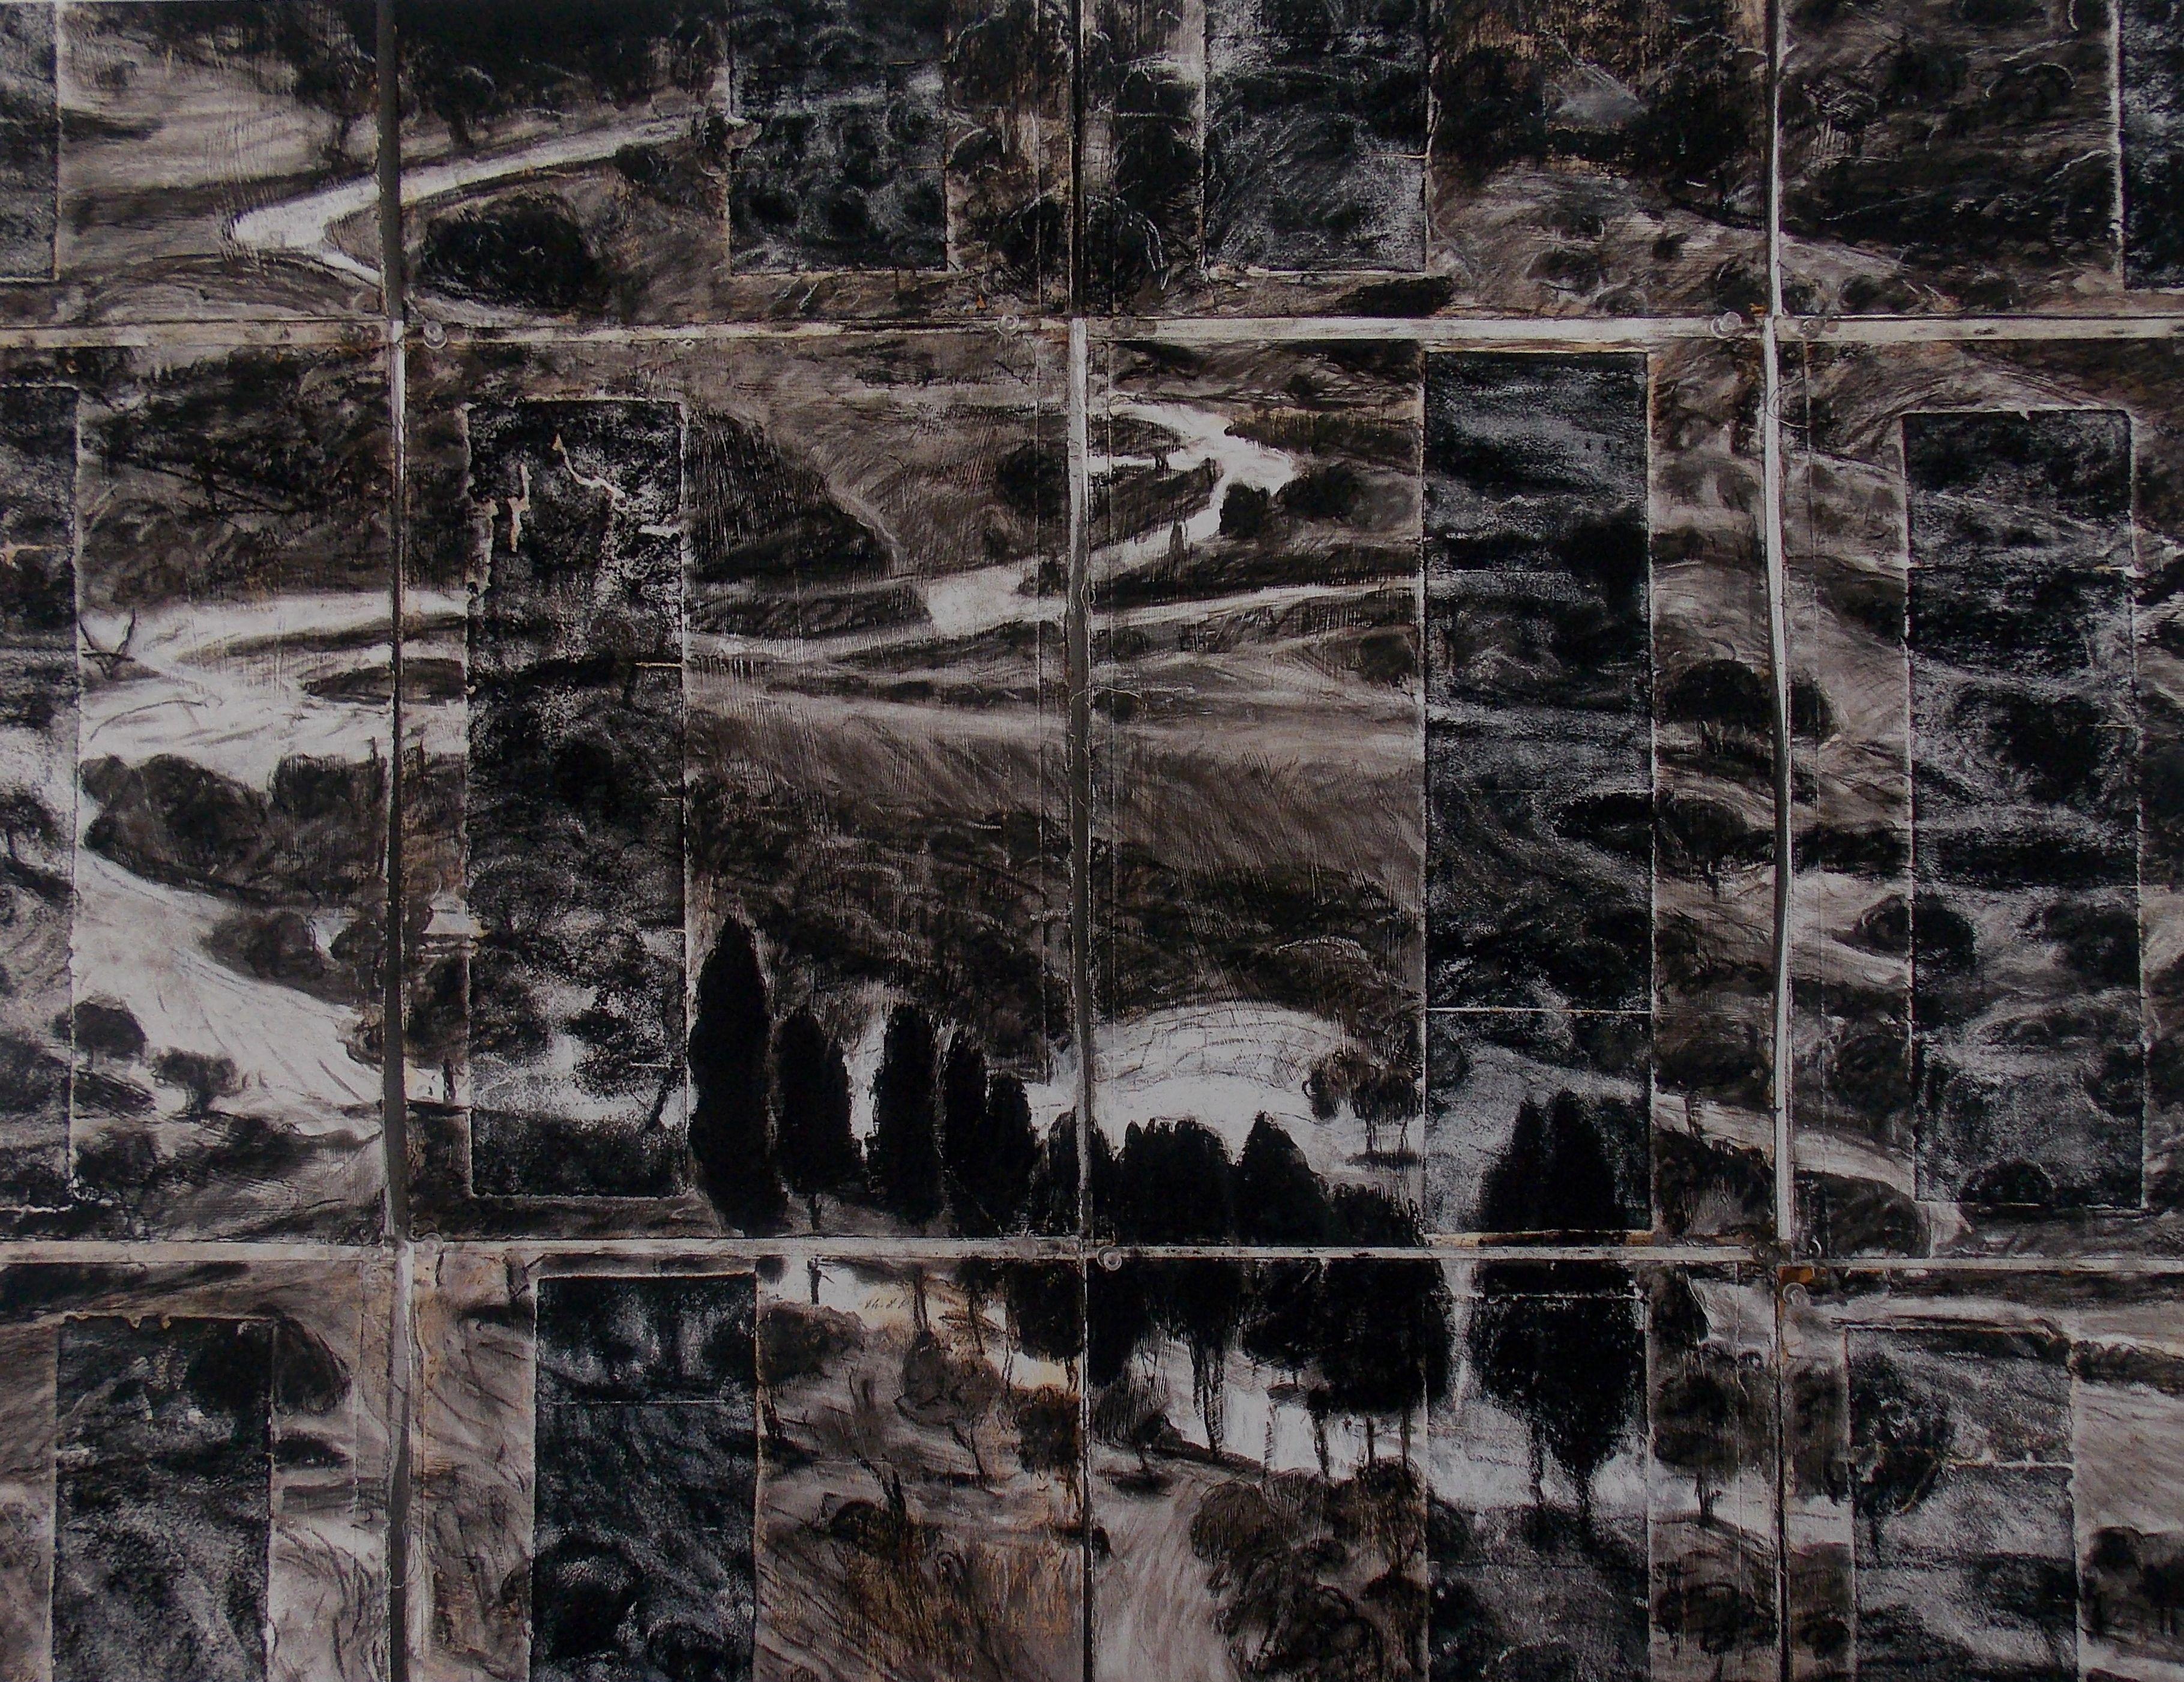 Peter Krausz, Le chant de la terre, 2004. Estampe rehaussée au pastel. 61 x 76 cm. 13/50. Don de Jacques-Gabriel Blais. Valeur marchande : 1500 $. Prix de départ : 750 $. Plus de détails : http://www.museelaurentides.ca/encan-2016-peter-krausz/